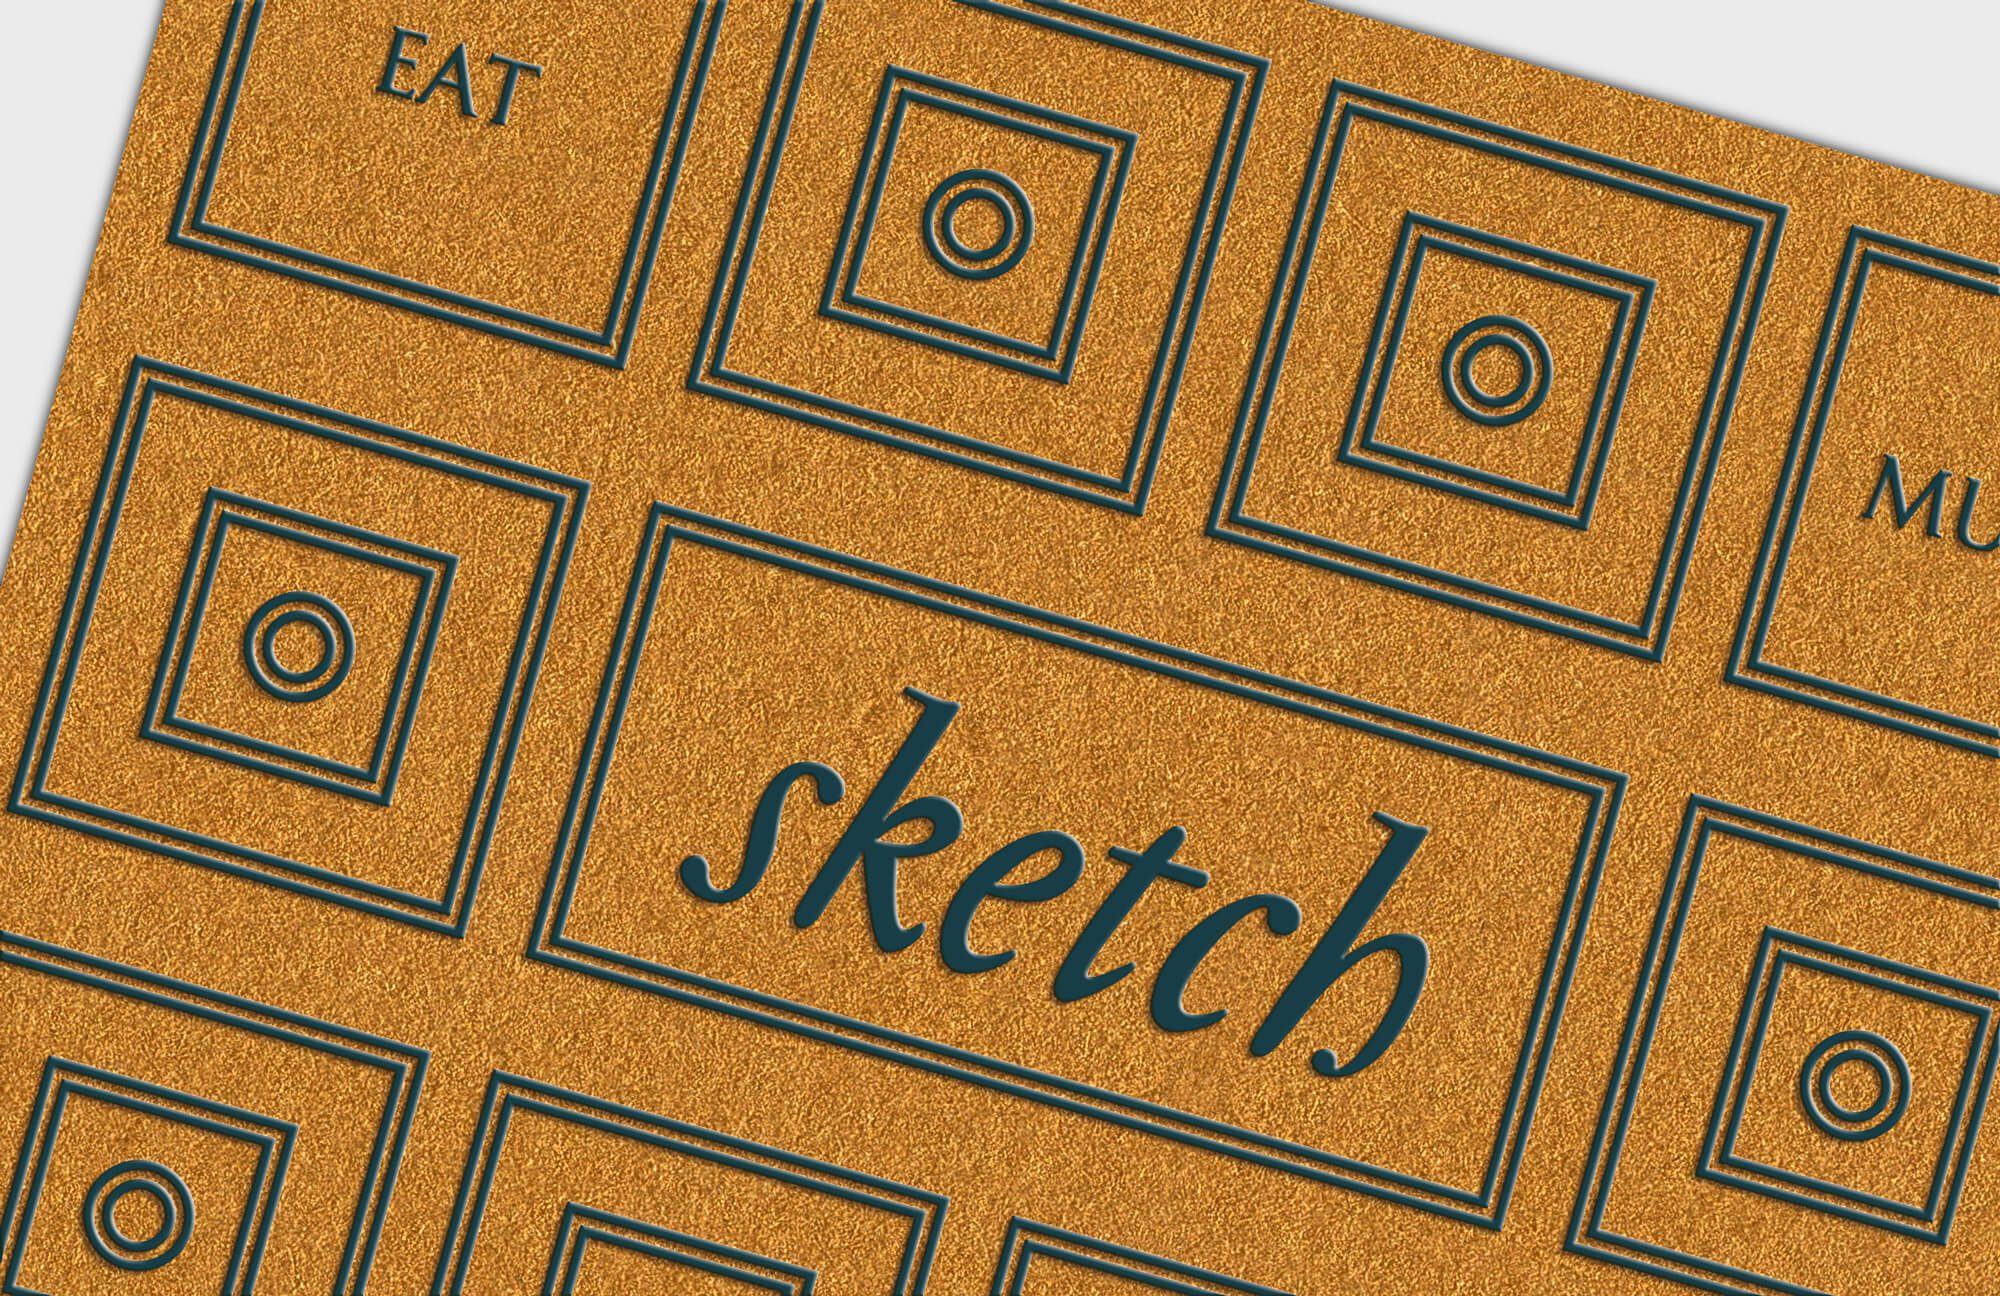 La carte de visite du restaurant Sketch à Londres, belle fabrication, papier GF smith Gold et impression pantone raised, design ichetkar